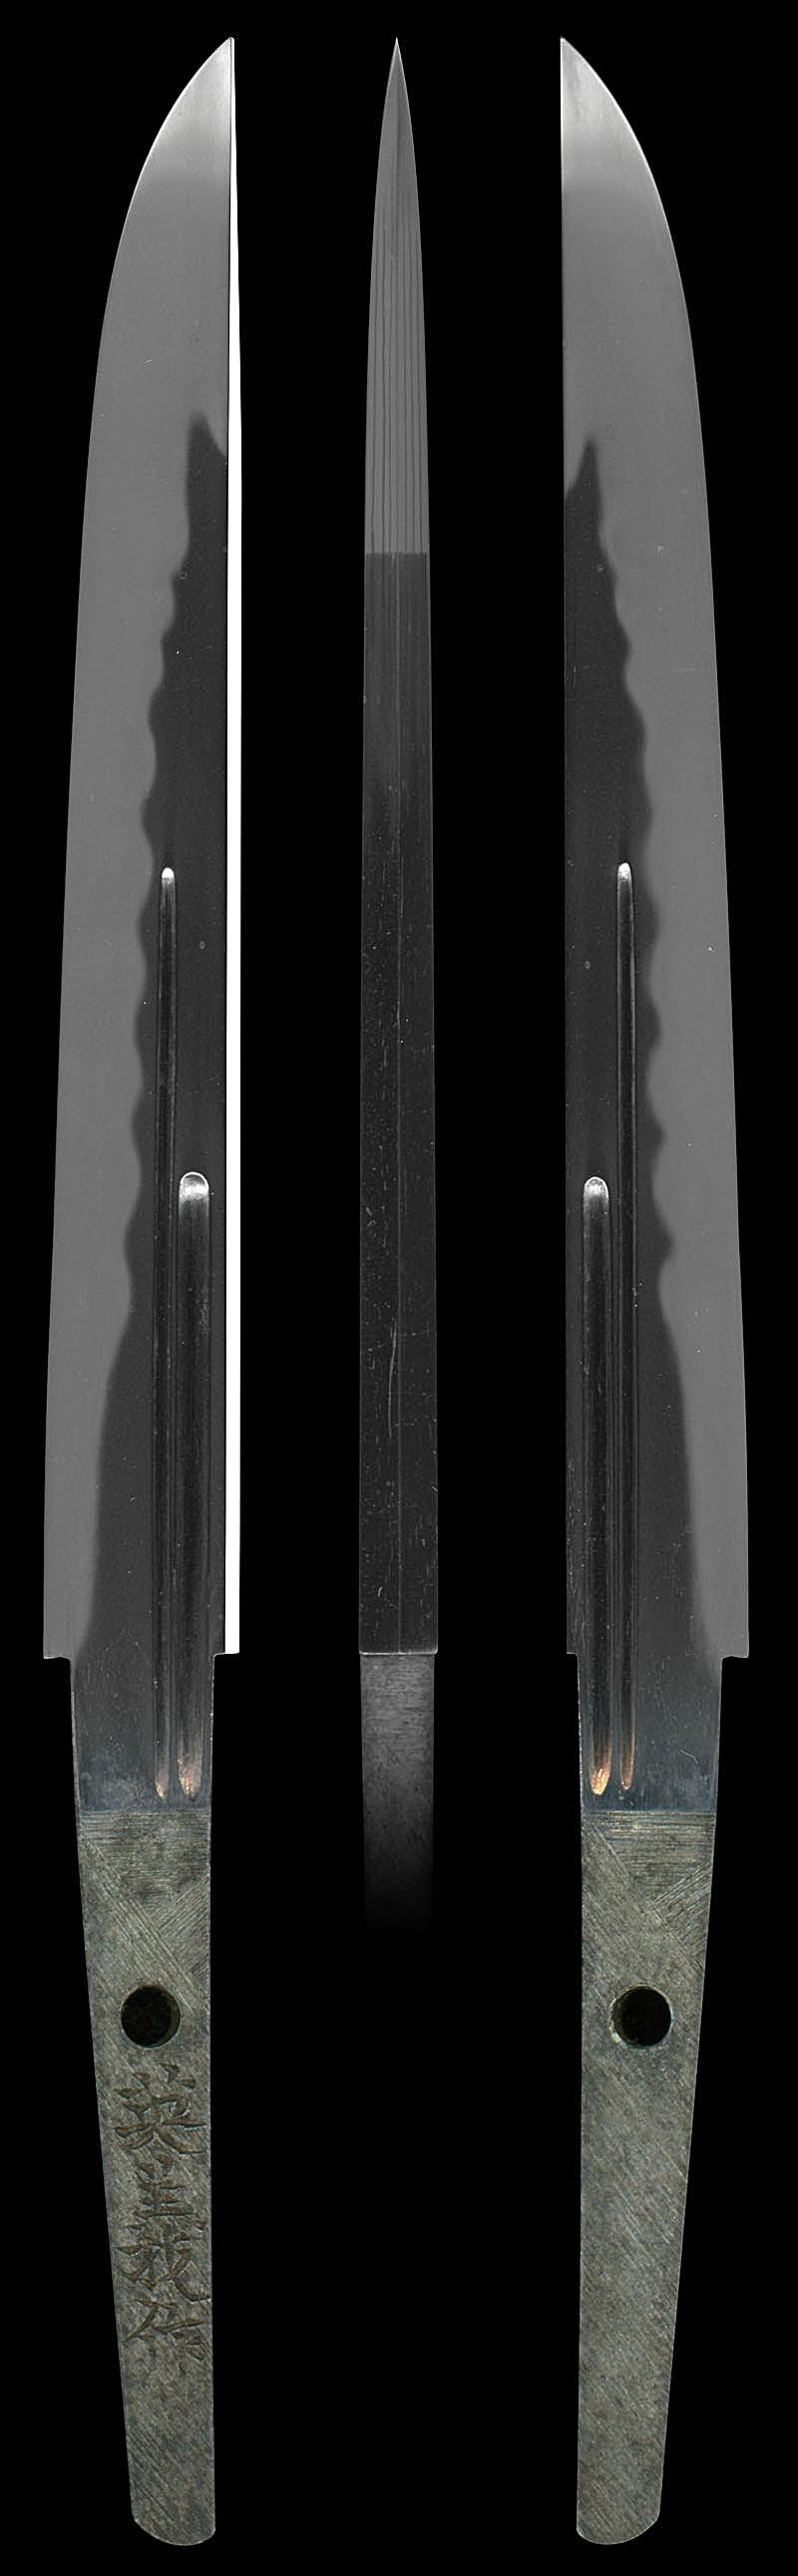 短刀 英義作(藤枝太郎英義)(懐剣)Picture of whole